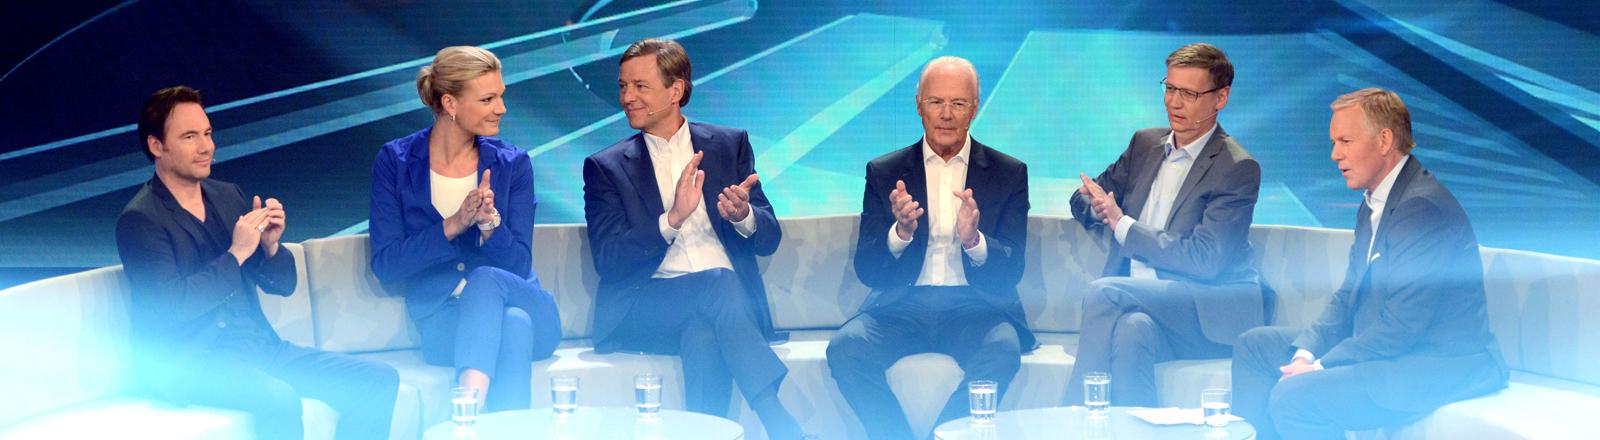 """Moderator Johannes B. Kerner (r) sitzt am 02.07.2014 in Köln (Nordrhein-Westfalen) in der ZDF-Show """"Deutschlands Beste! Männer"""" neben seinen Gästen: Comedian Michael """"Bully"""" Herbig (l-r), Sportlerin Maria Höfl-Riesch, Journalist Claus Kleber, Sportler Franz Beckenbauer und Moderator Günther Jauch."""